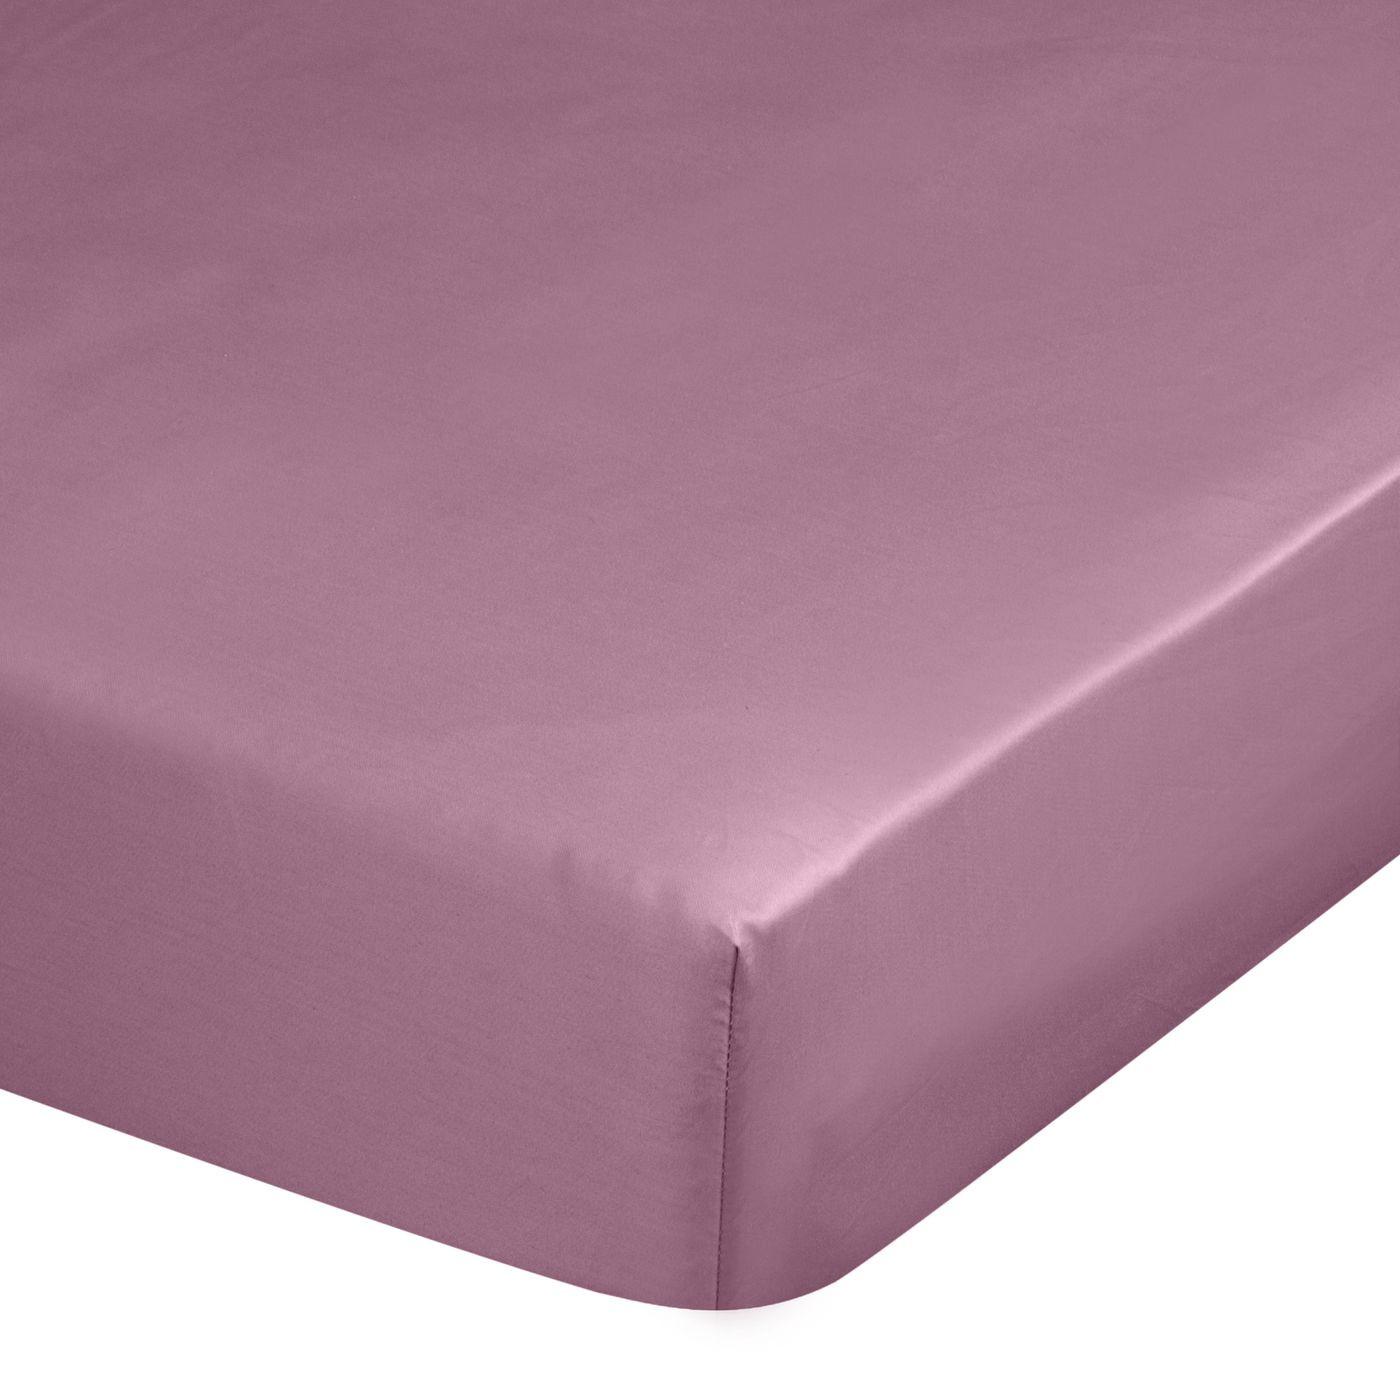 Prześcieradło z makosatyny gładkie 100x200+25cm kolor różowy